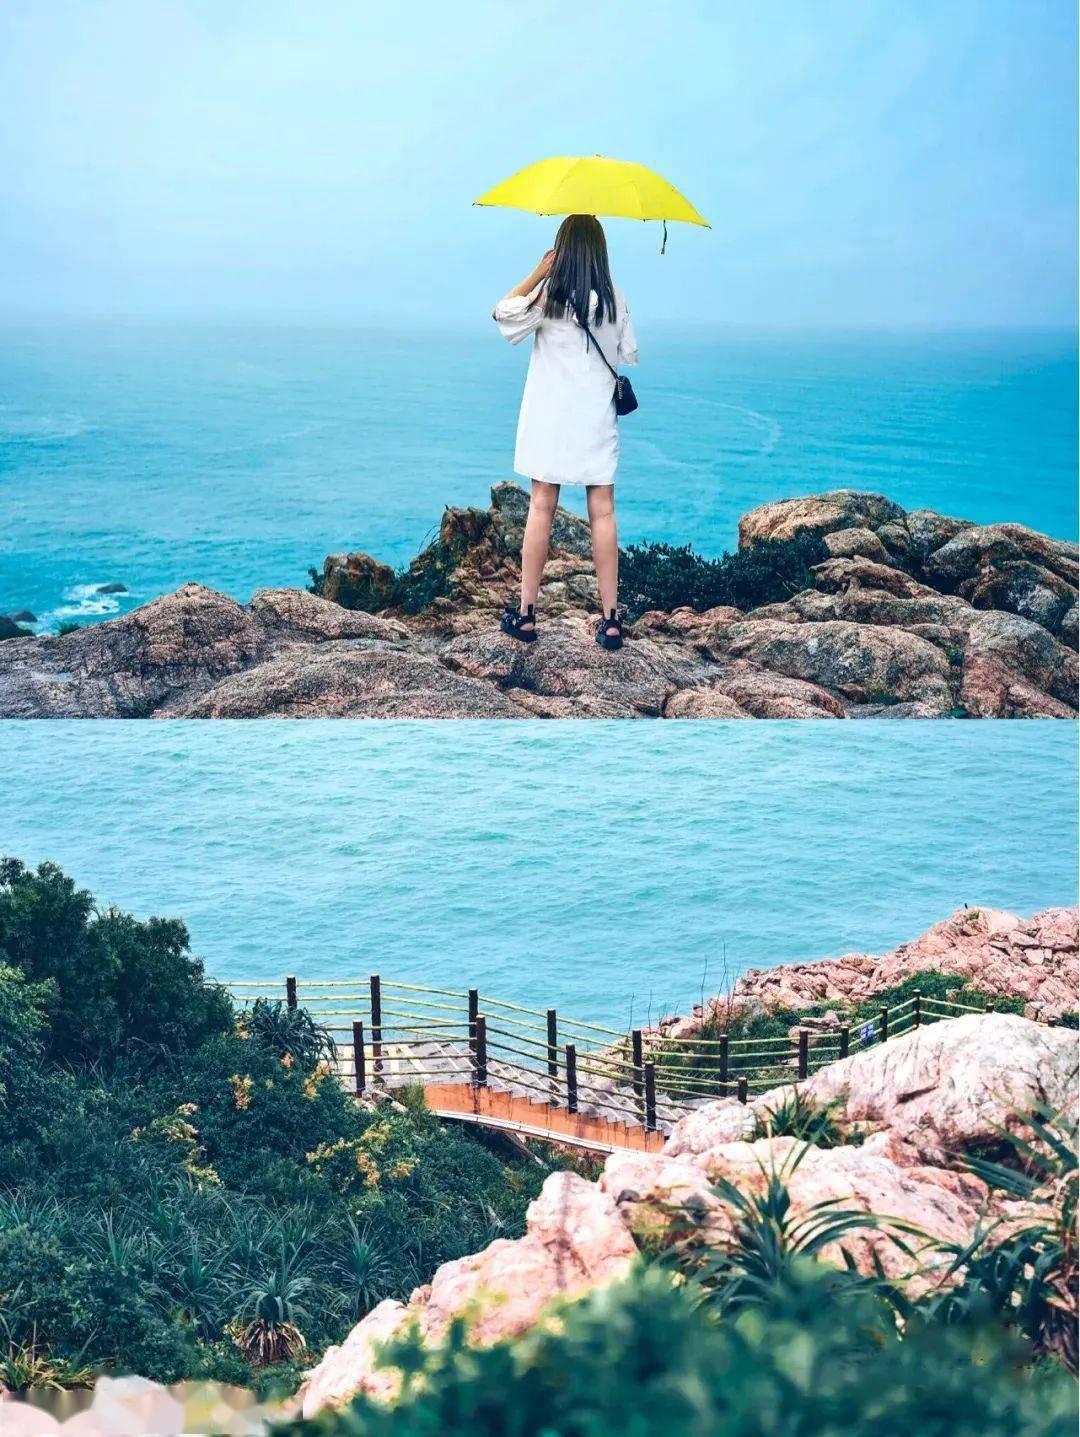 原来惠州也有蓝蓝的大海:可以看到真正大海的颜色!